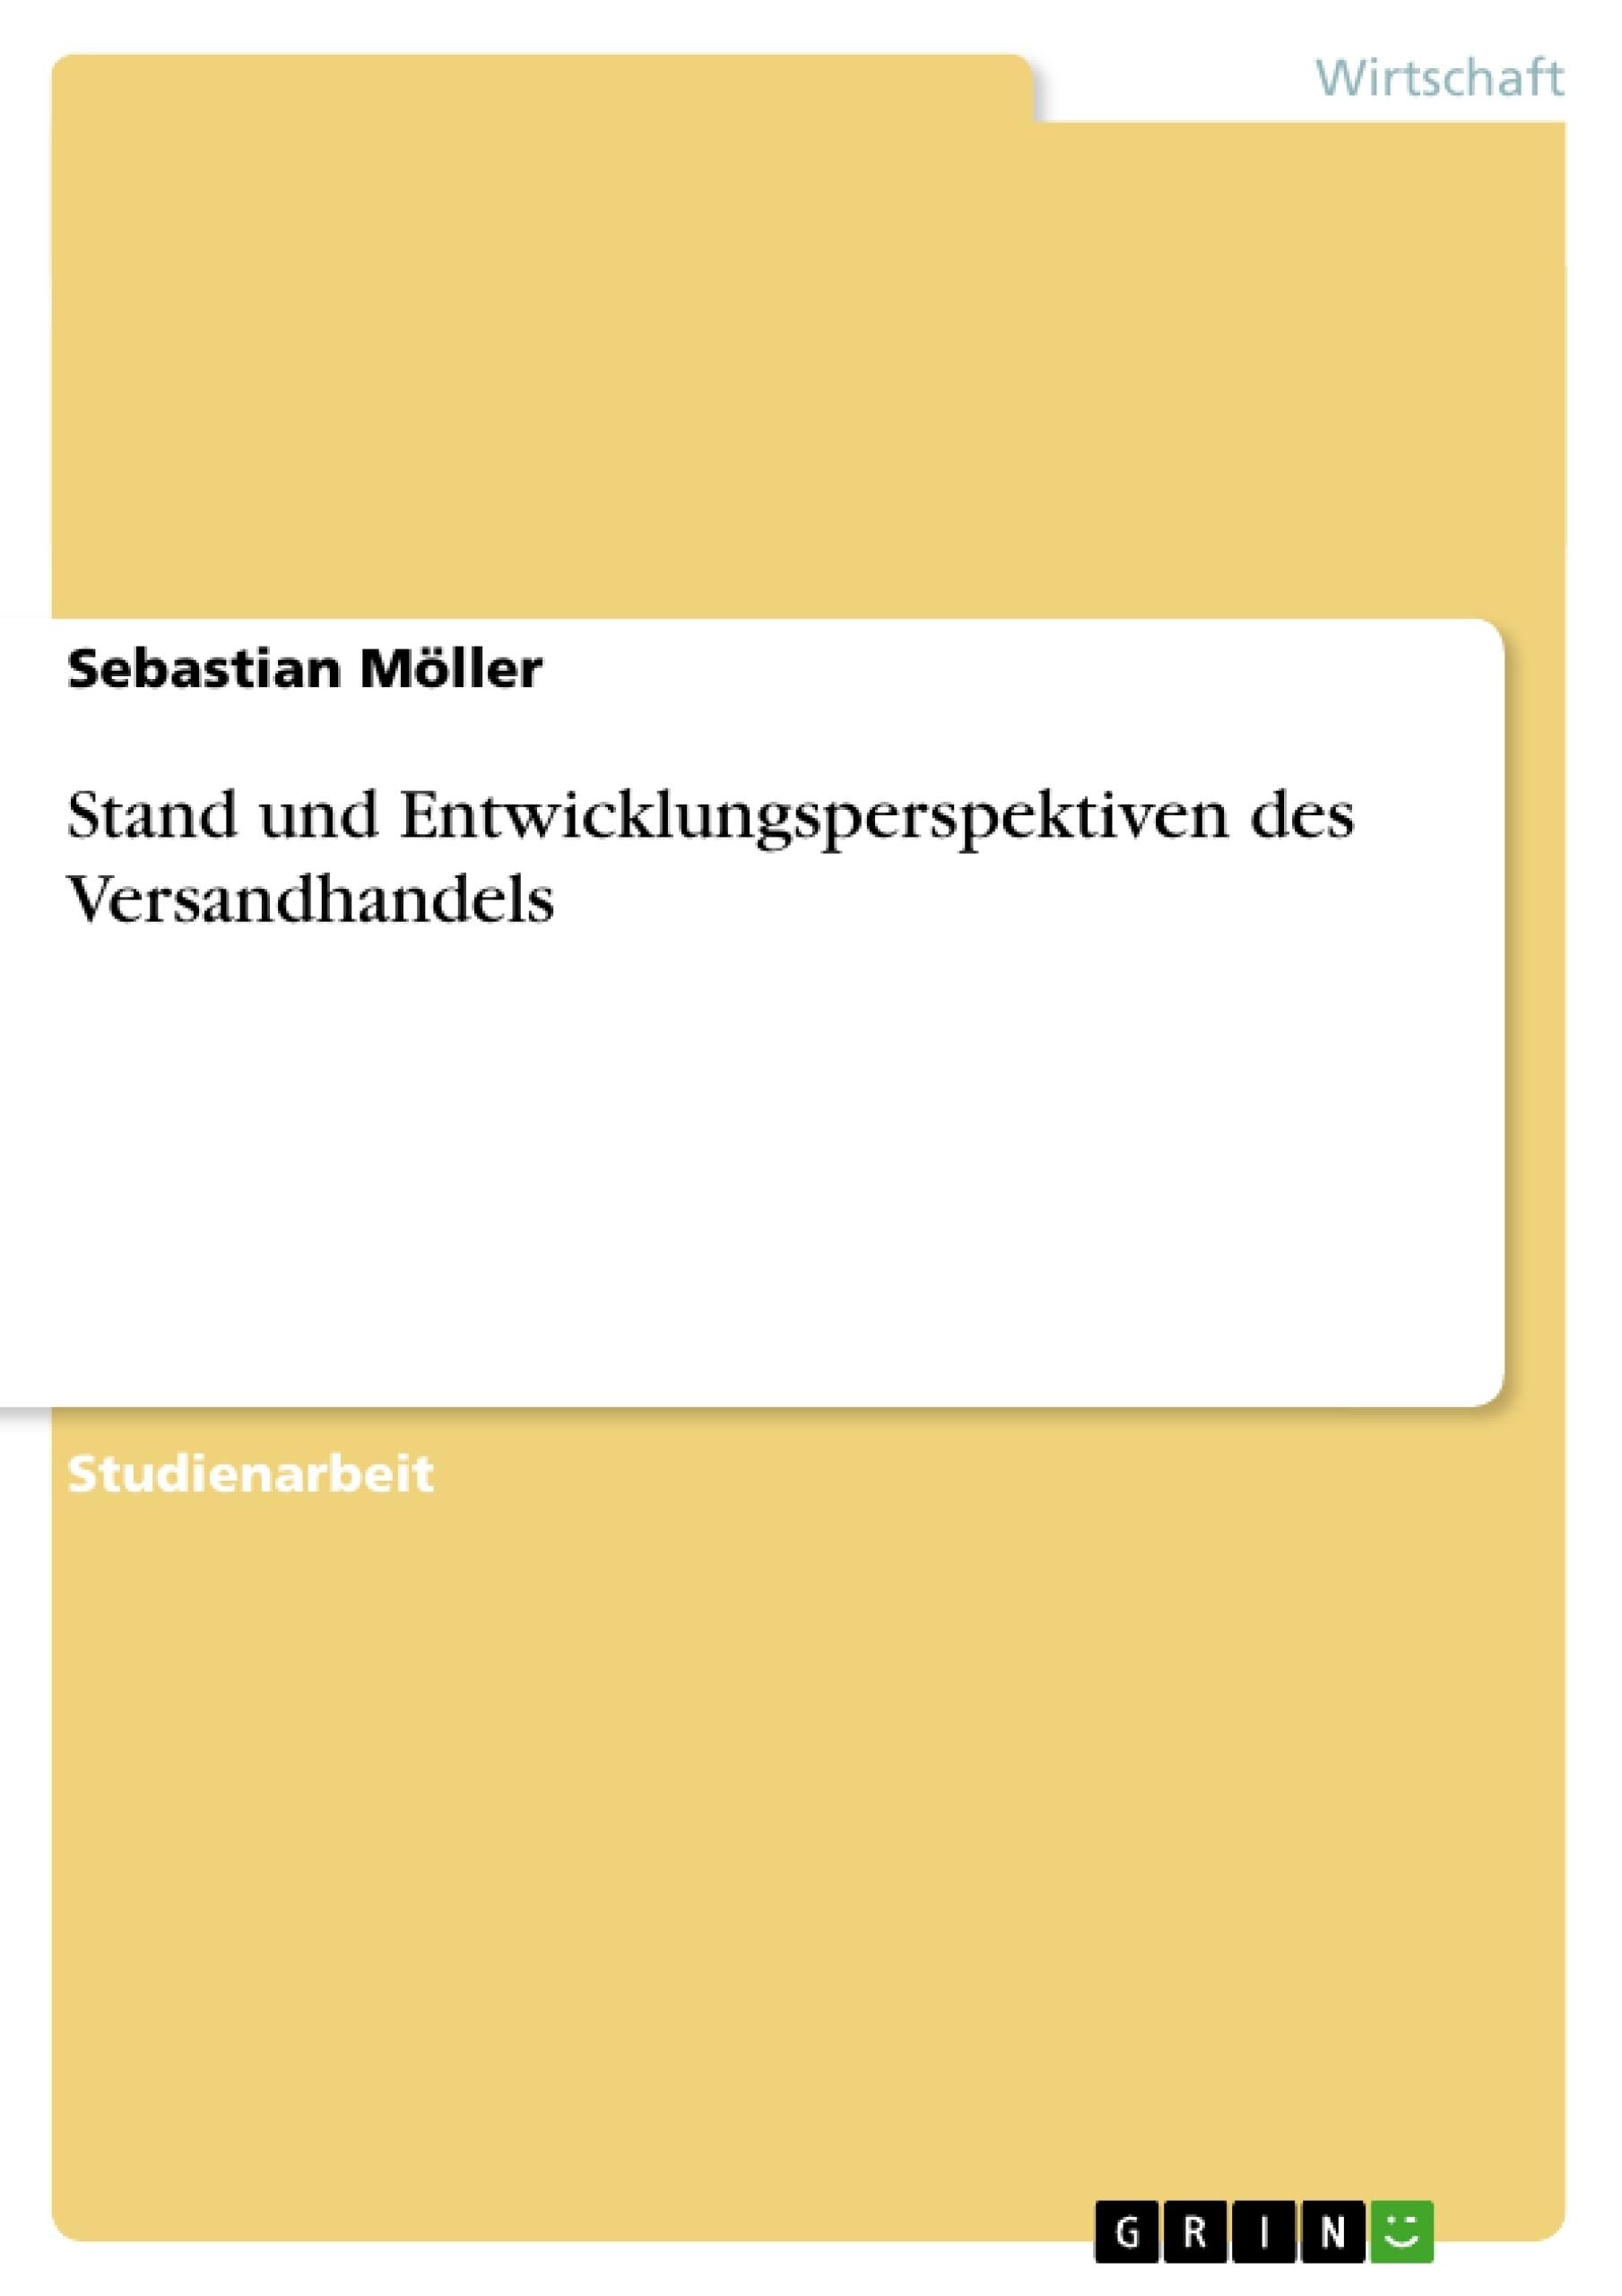 Titel: Stand und Entwicklungsperspektiven des Versandhandels